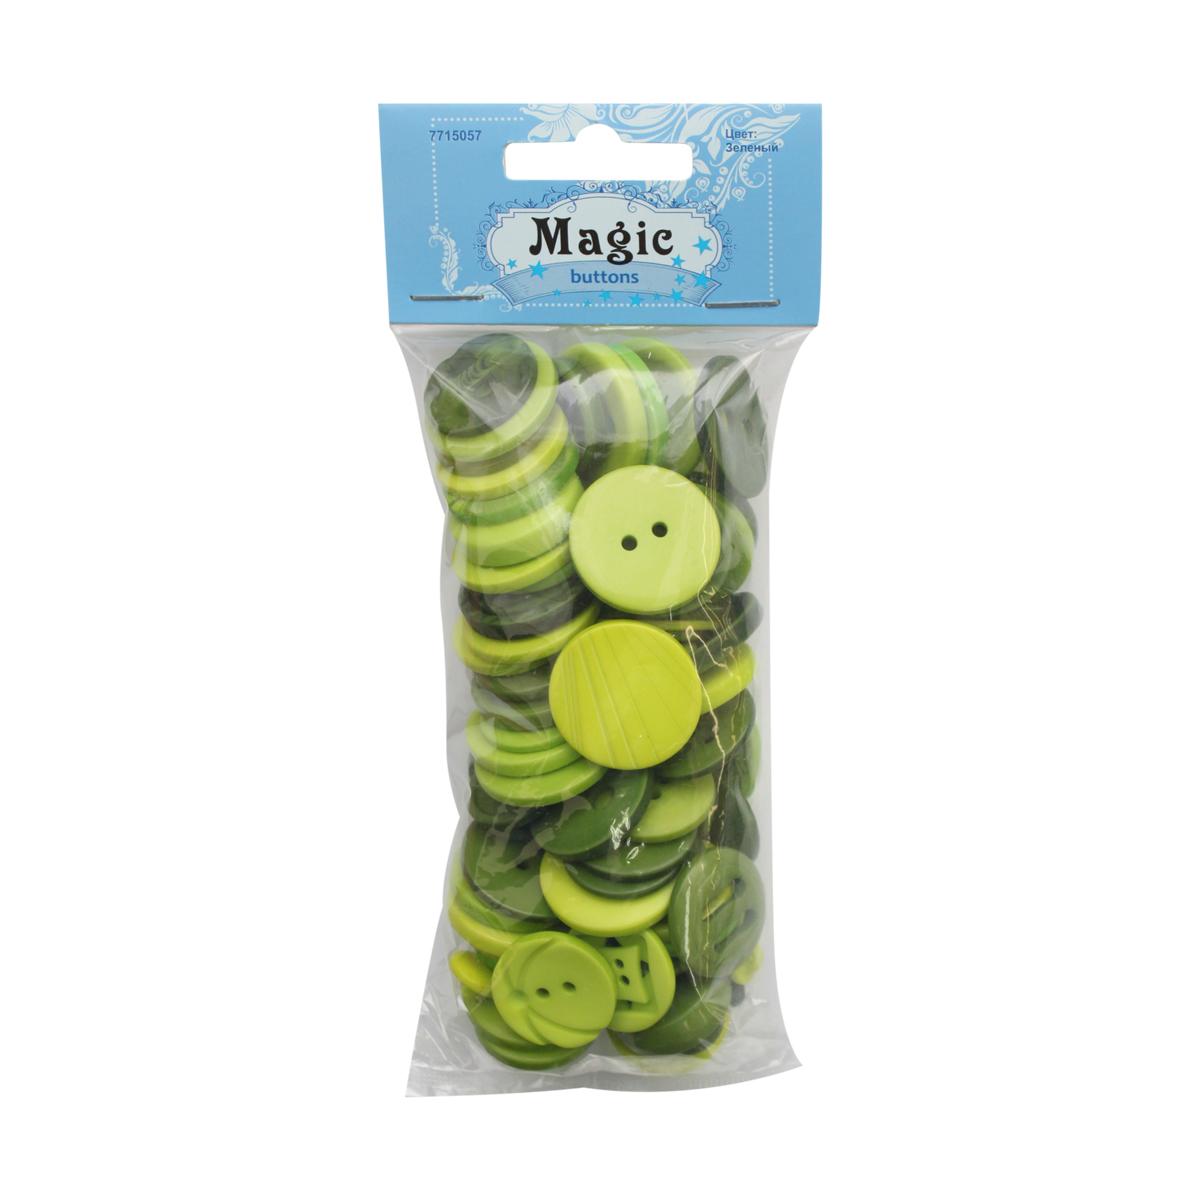 Пуговицы декоративные Magic Buttons Палитра, цвет: зеленый, 100 г7715057_ЗеленыйЯркие и красочные пуговицы Magic Buttons станут прекрасным дополнением к любому образу. Пуговицы выполнены в разных цветовых вариантах и формах.